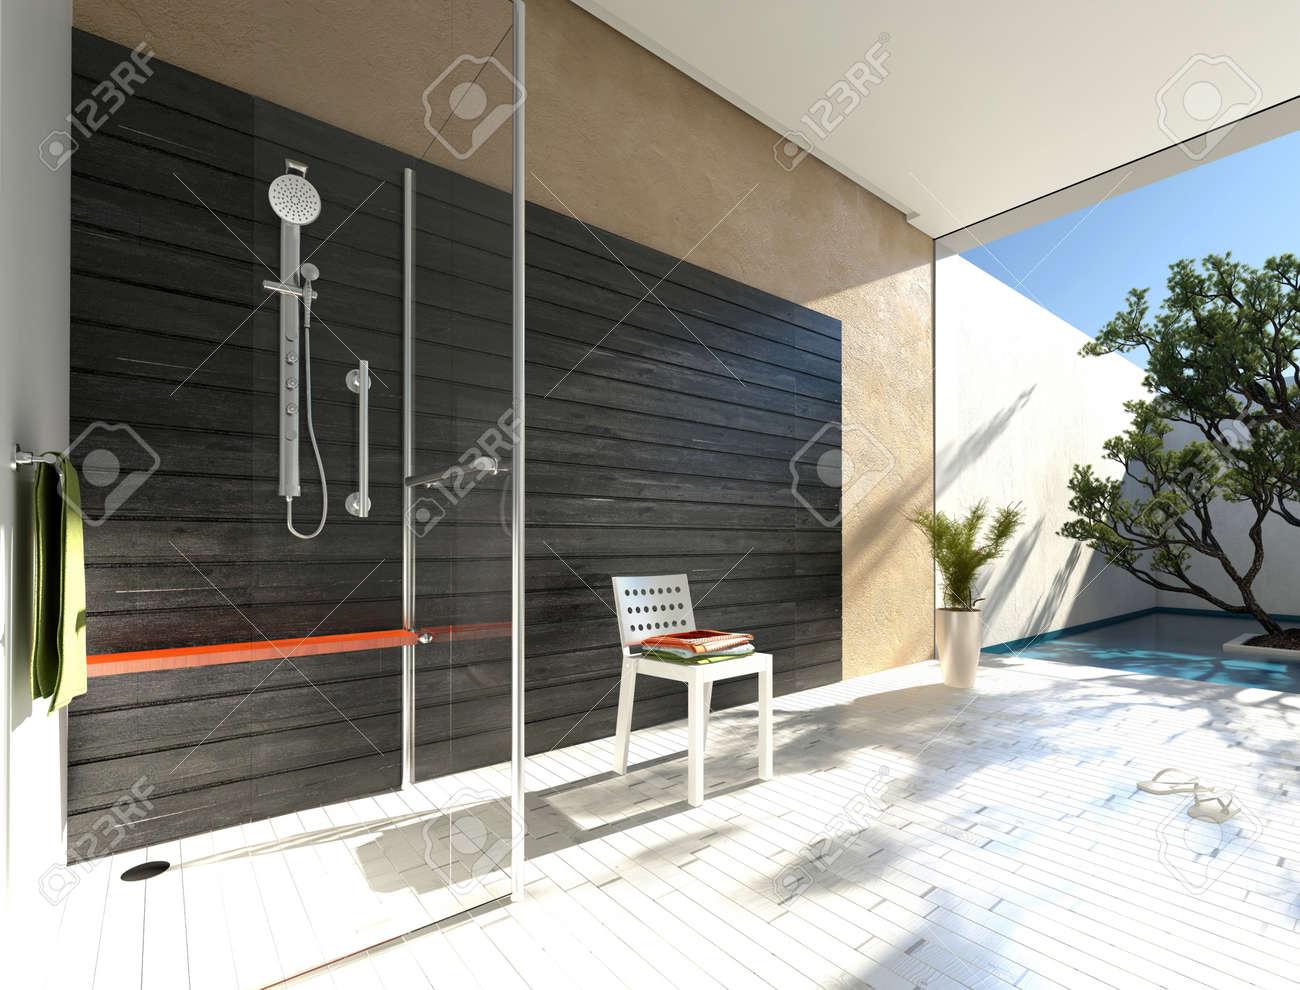 Carrelage salle de bain banque d'images, vecteurs et illustrations ...